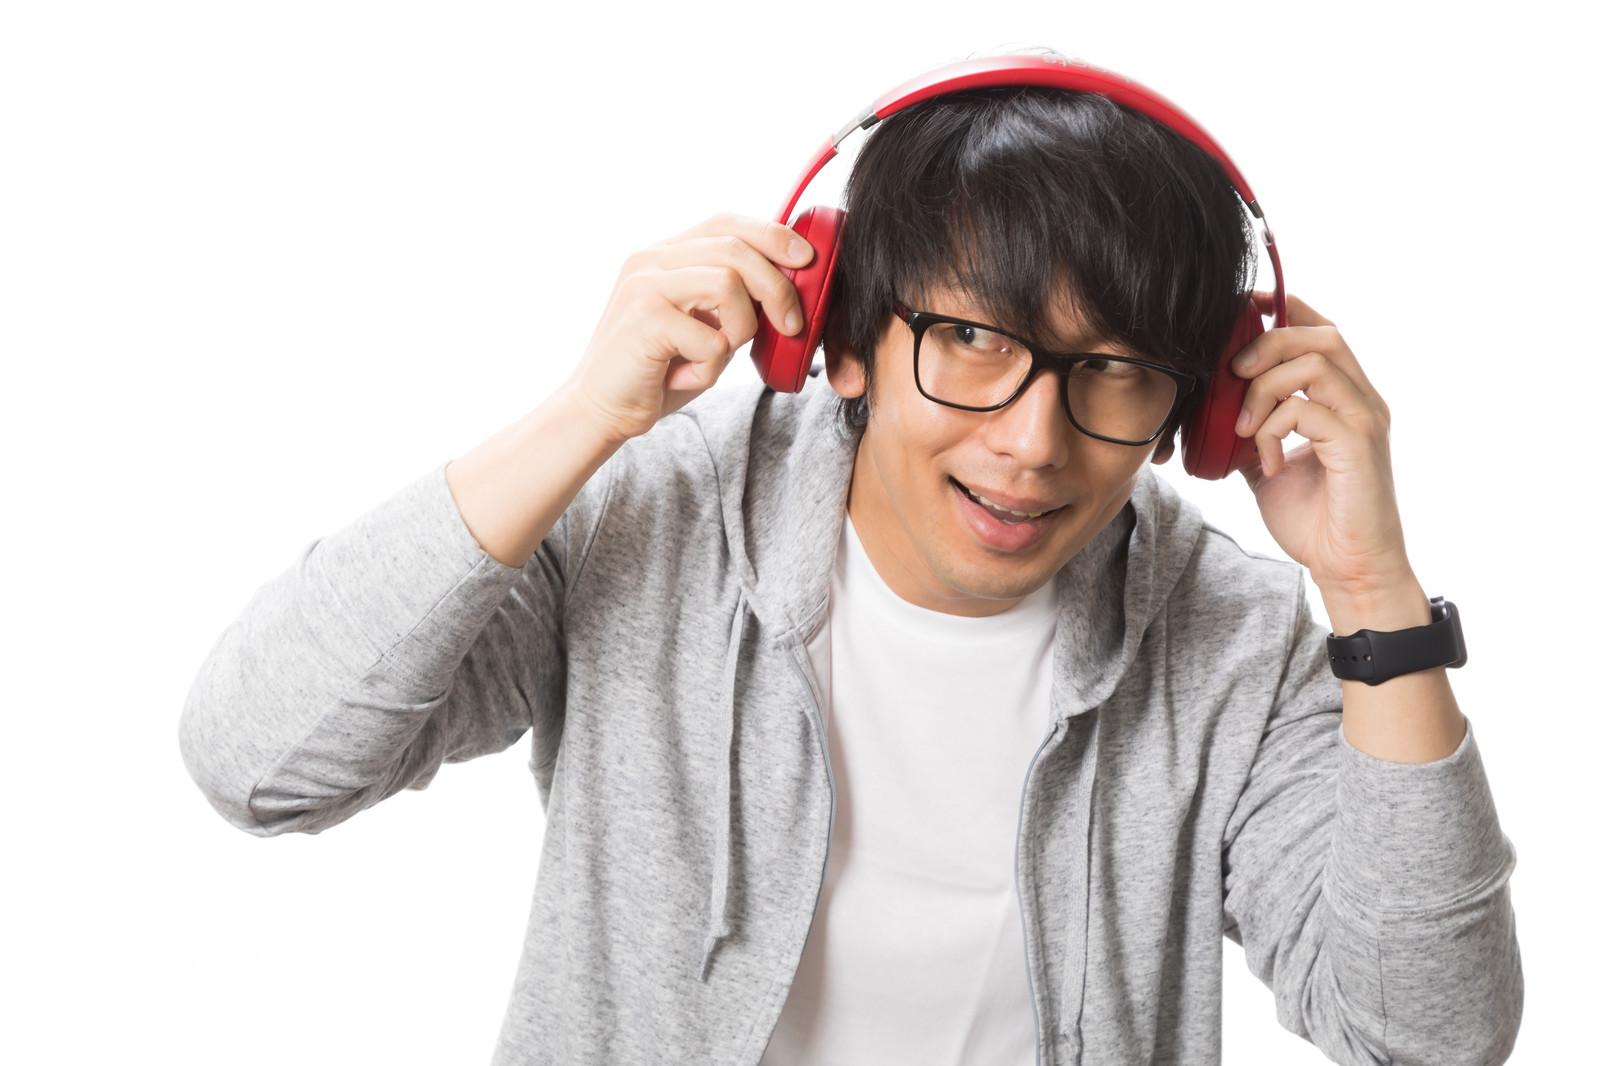 Amazon musicはストリーミング再生+auひかりがおすすめ!